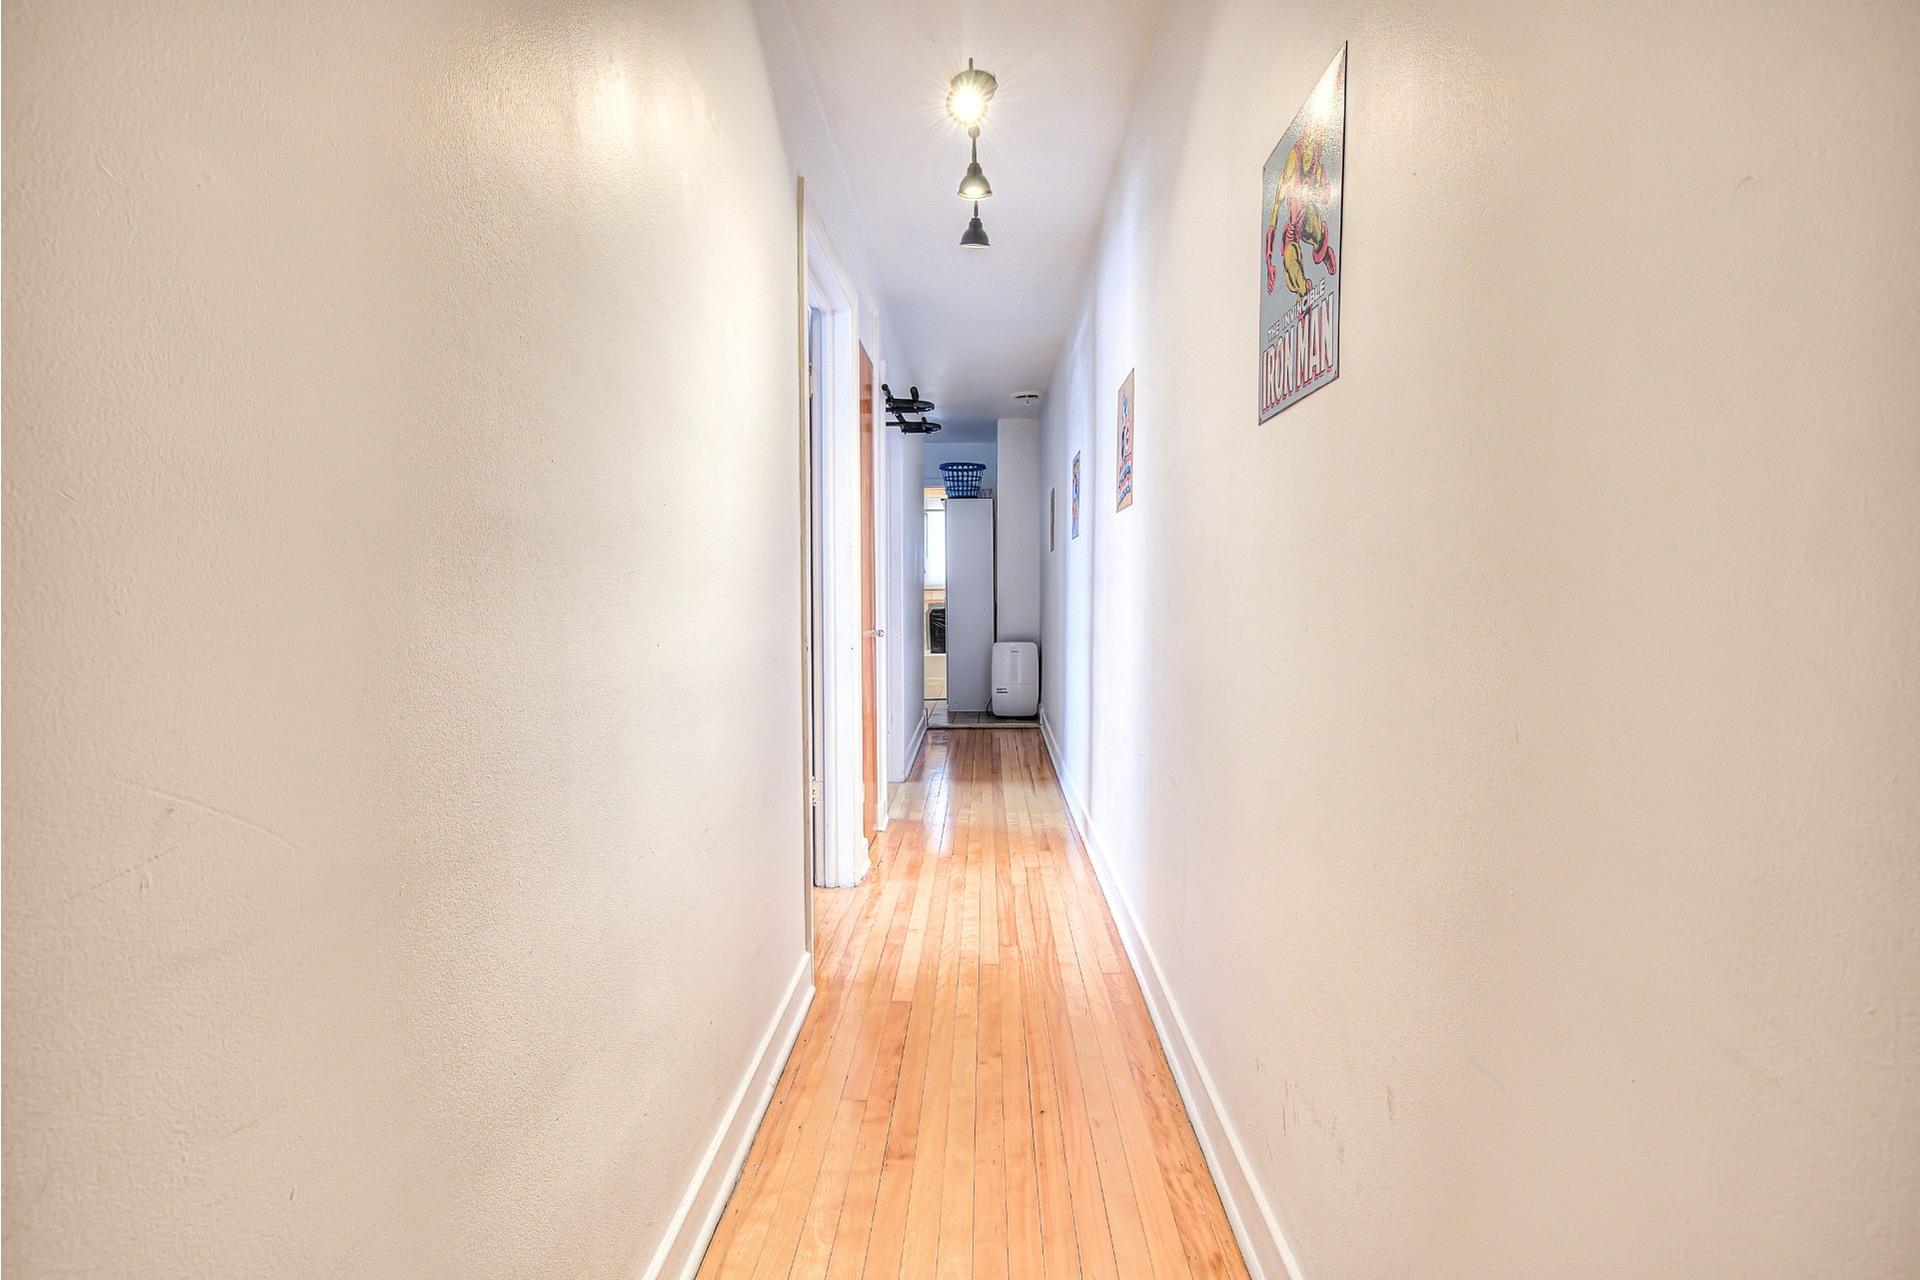 image 18 - Income property For sale Villeray/Saint-Michel/Parc-Extension Montréal  - 4 rooms